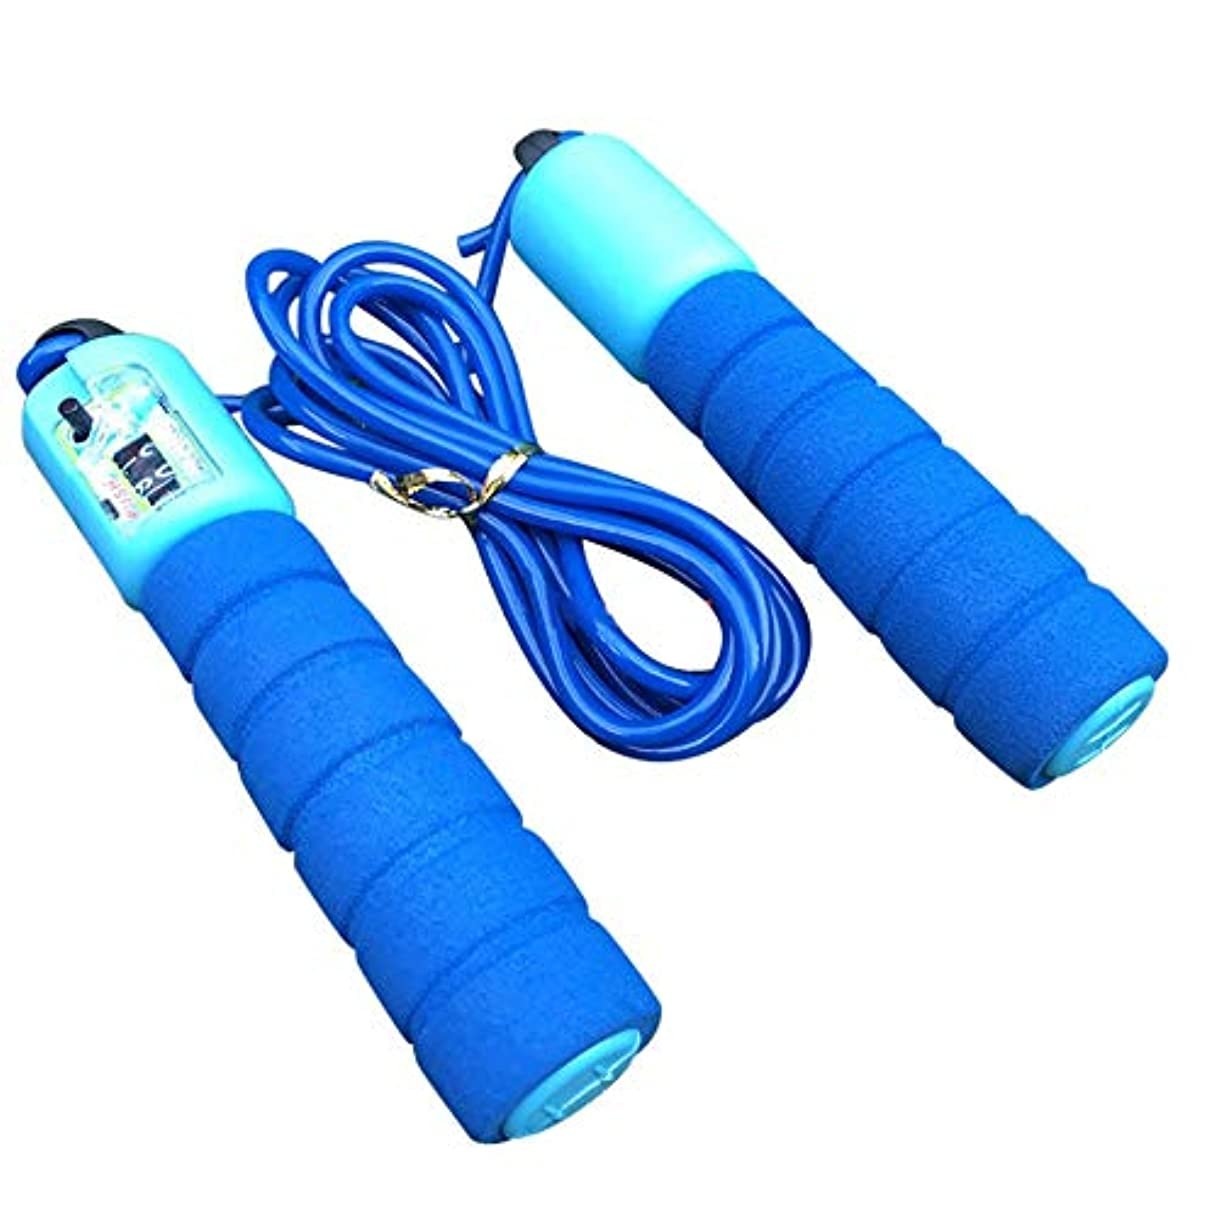 インスタンス偶然の広告主調整可能なプロフェッショナルカウント縄跳び自動カウントジャンプロープフィットネス運動高速カウントジャンプロープ - 青